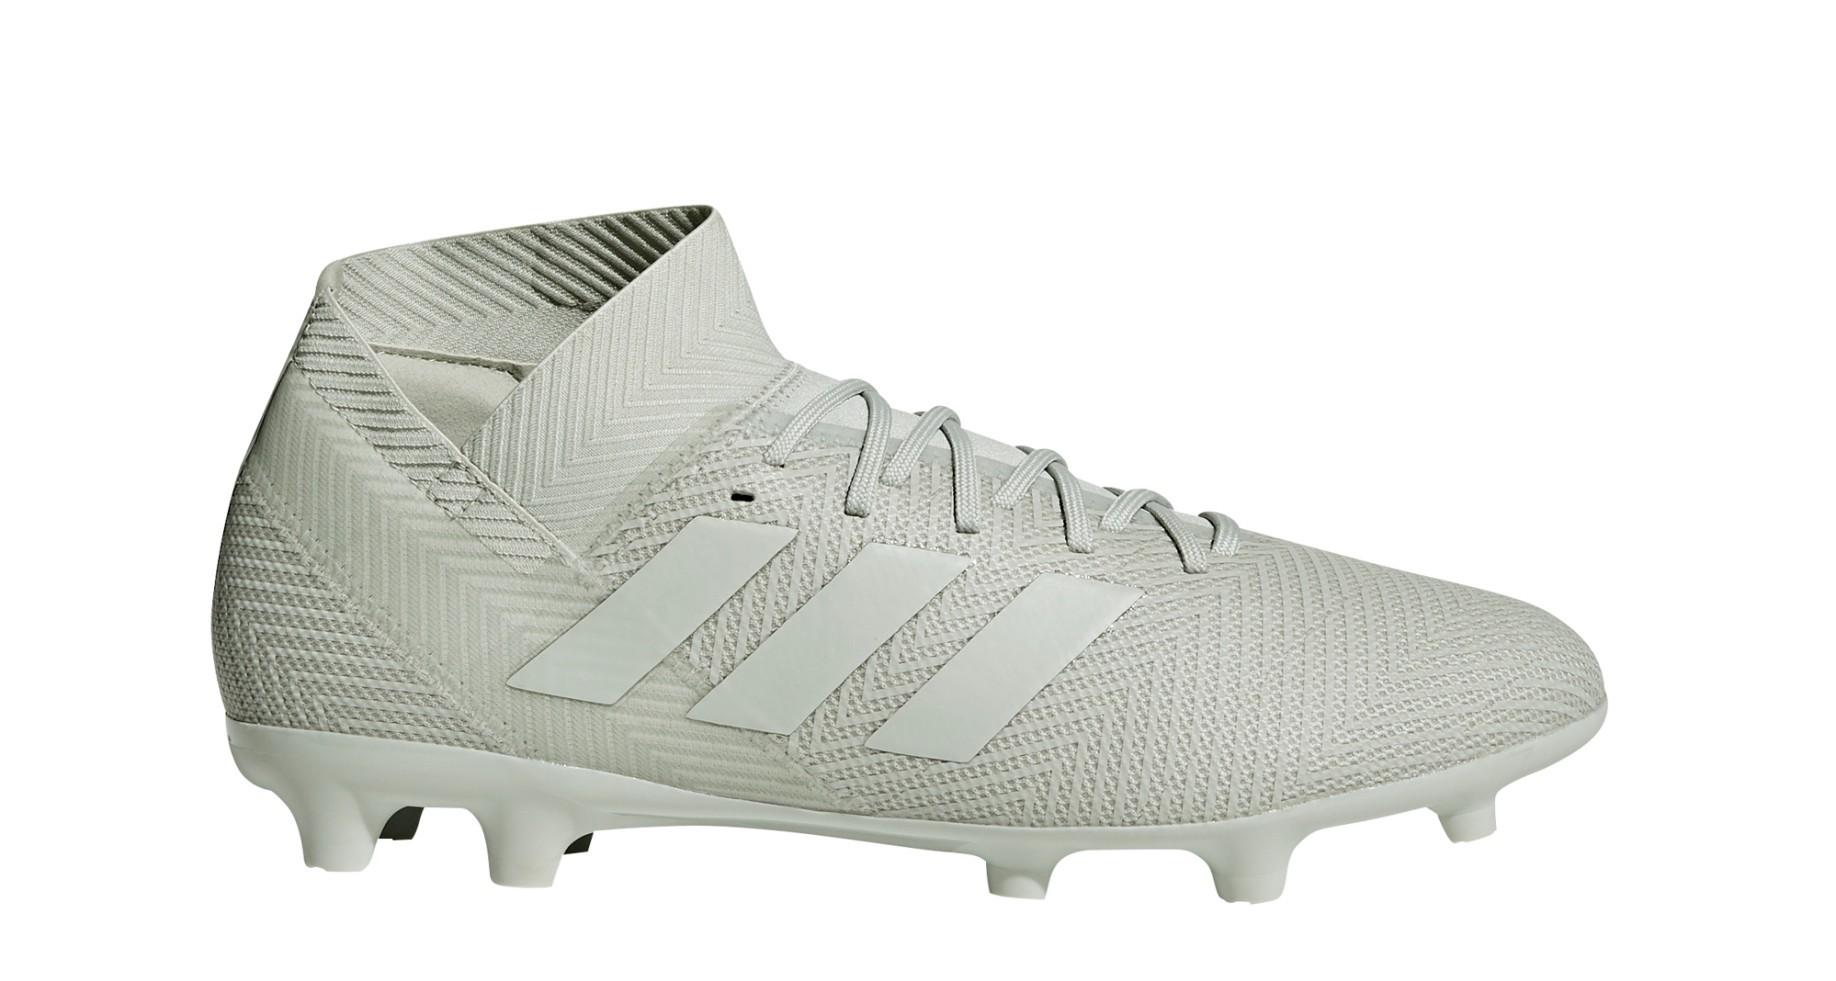 the best attitude 63e53 7418d Scarpe Calcio Adidas Nemeziz 18.3 FG Spectral Mode Pack colore Grigio -  Adidas - SportIT.com